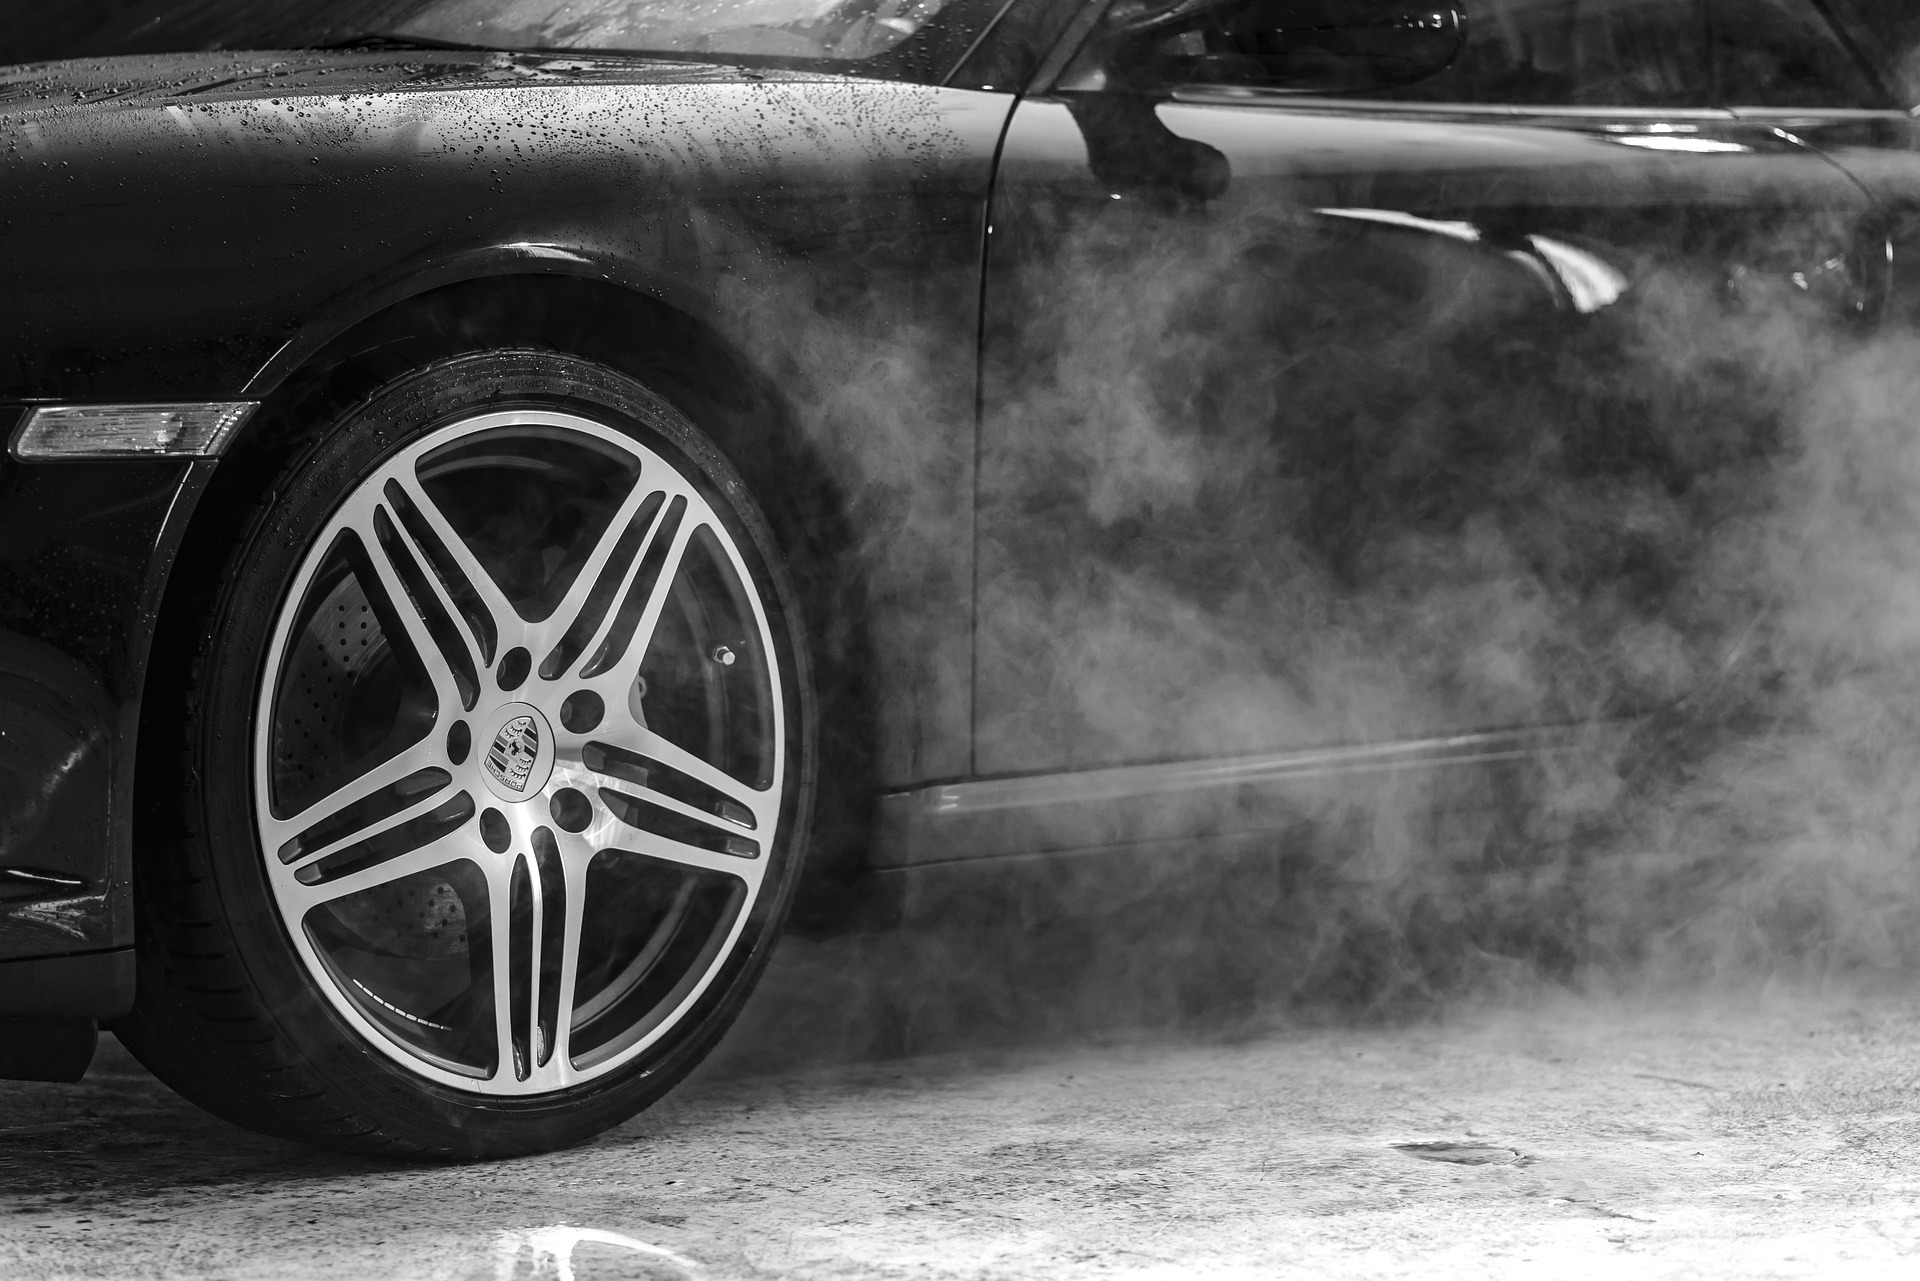 shampouineuse tapis voiture